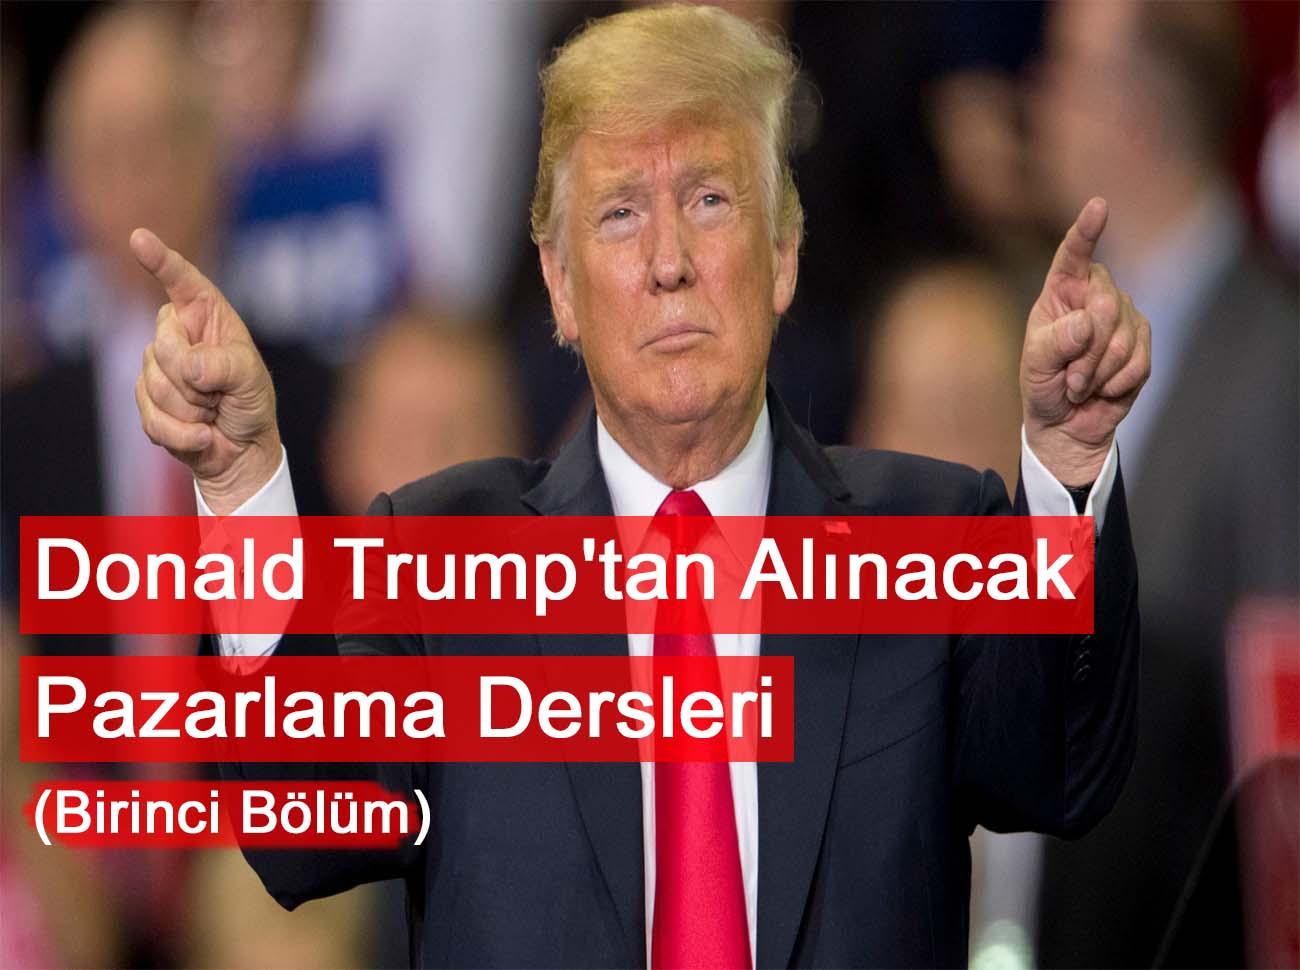 Donald Trump'tan Alınacak Pazarlama Dersleri (Birinci Bölüm)